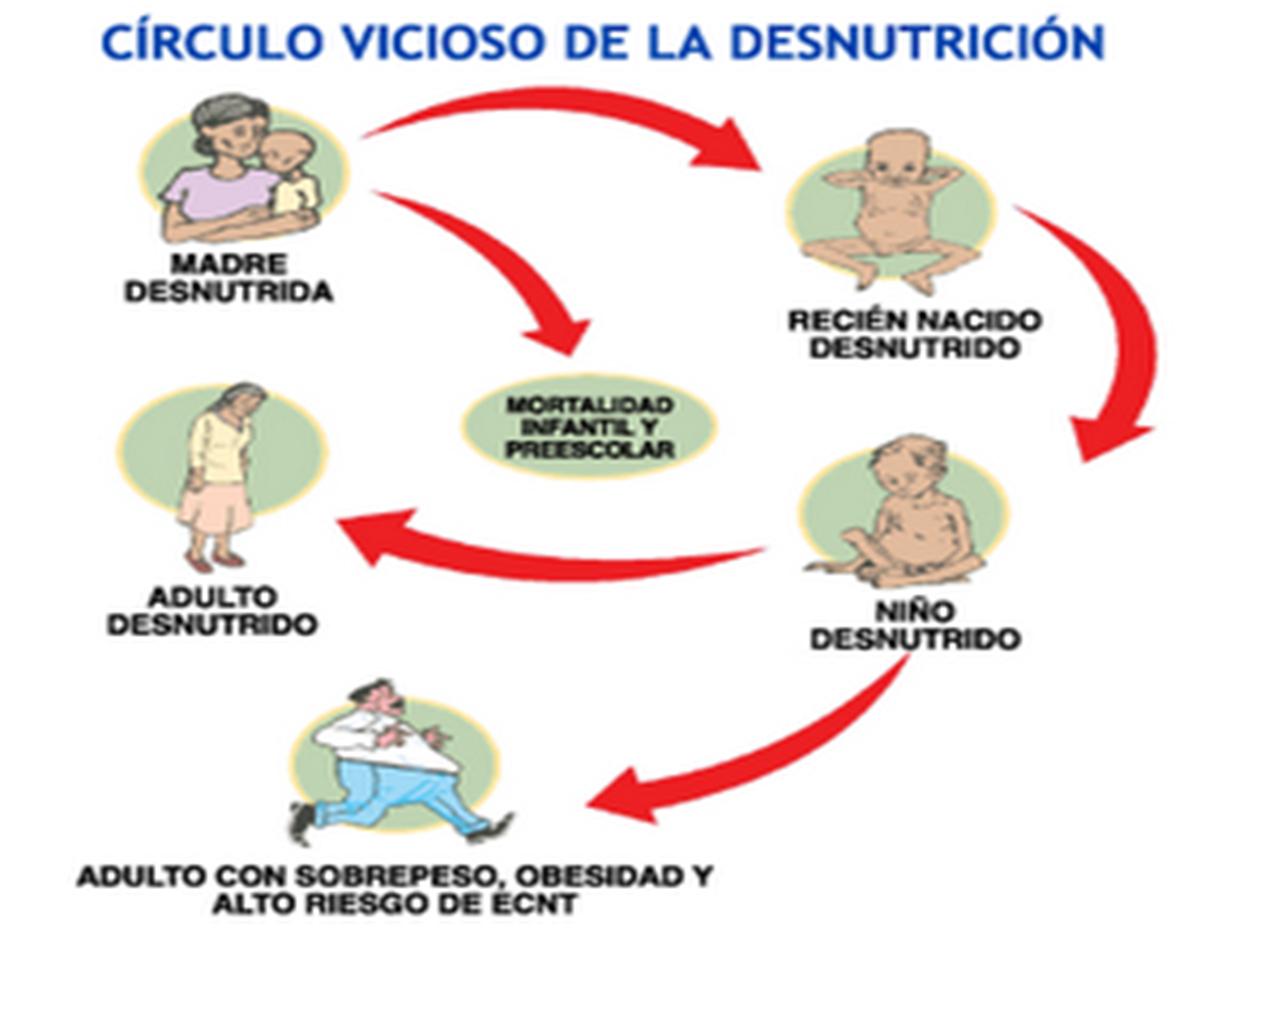 La escoliosis y los métodos de su profiláctica